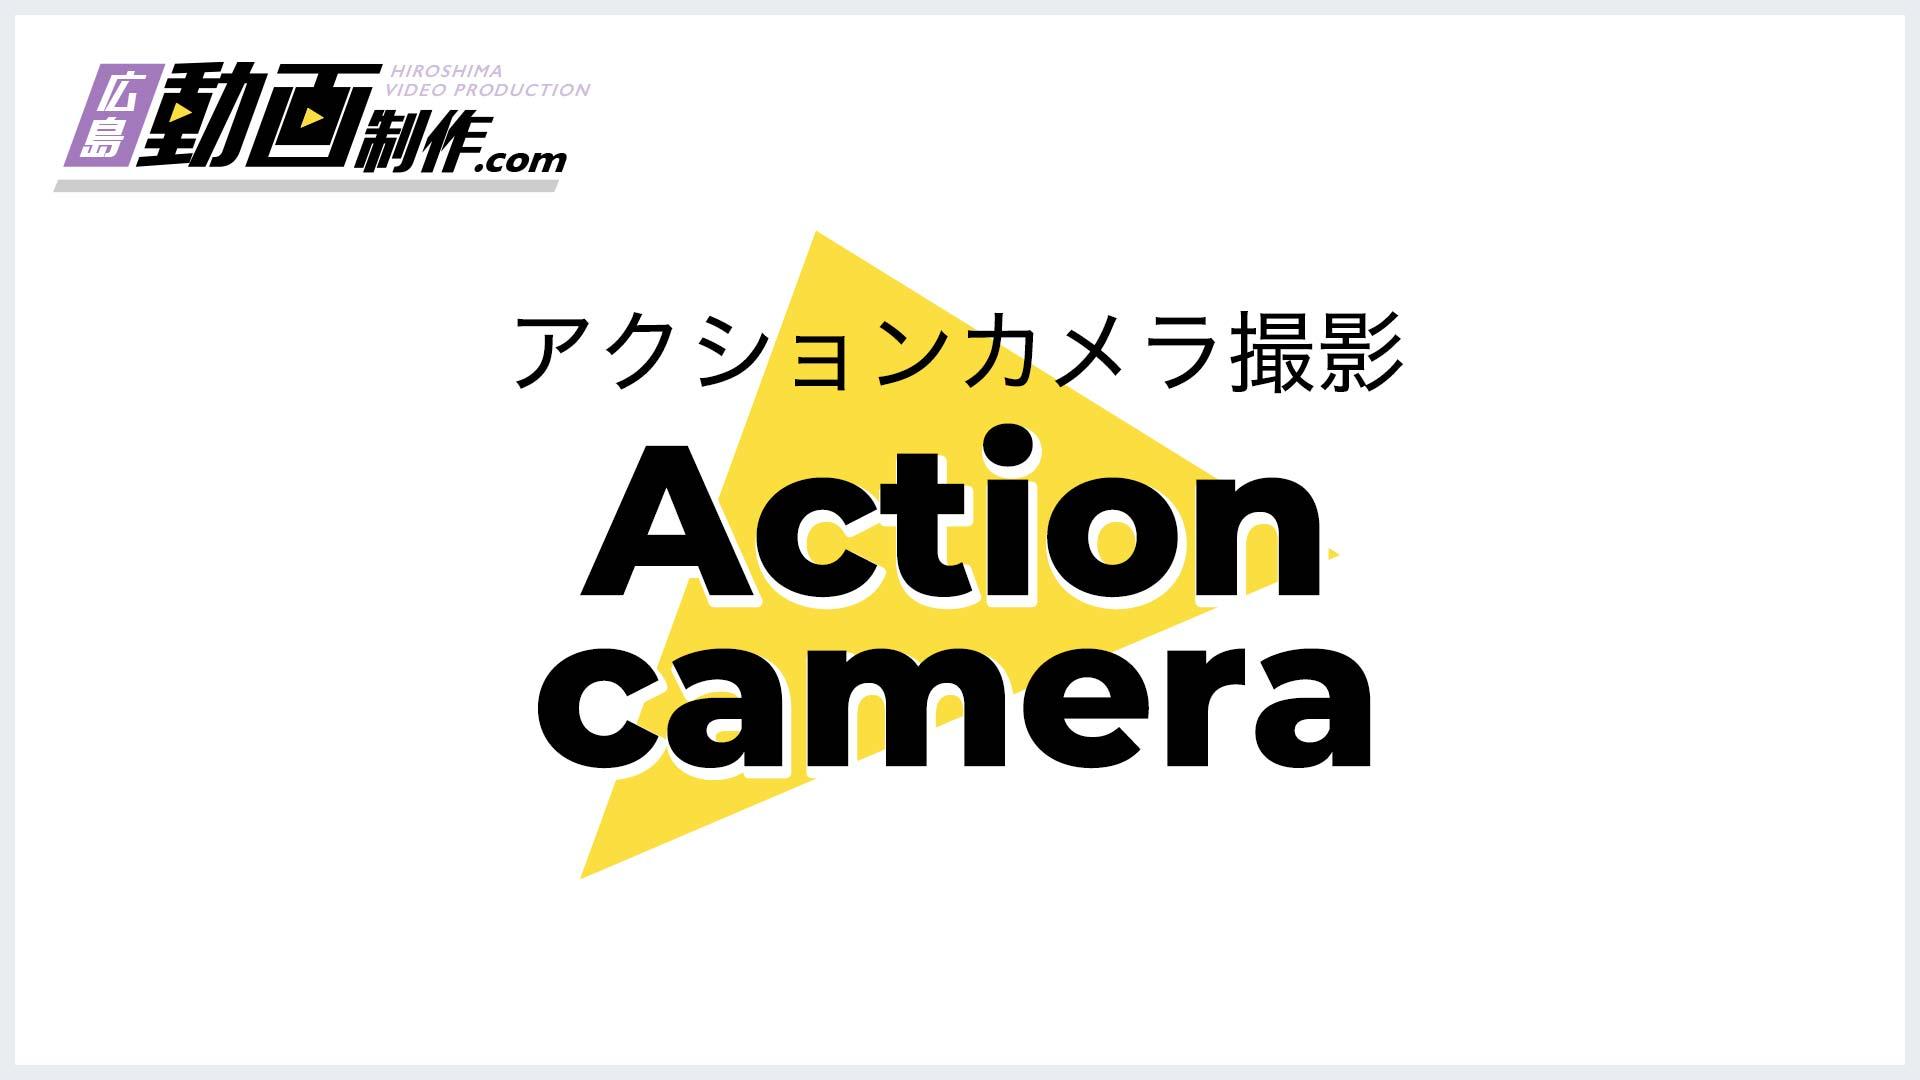 広島動画制作.com アクションカメラ撮影 サムネイル